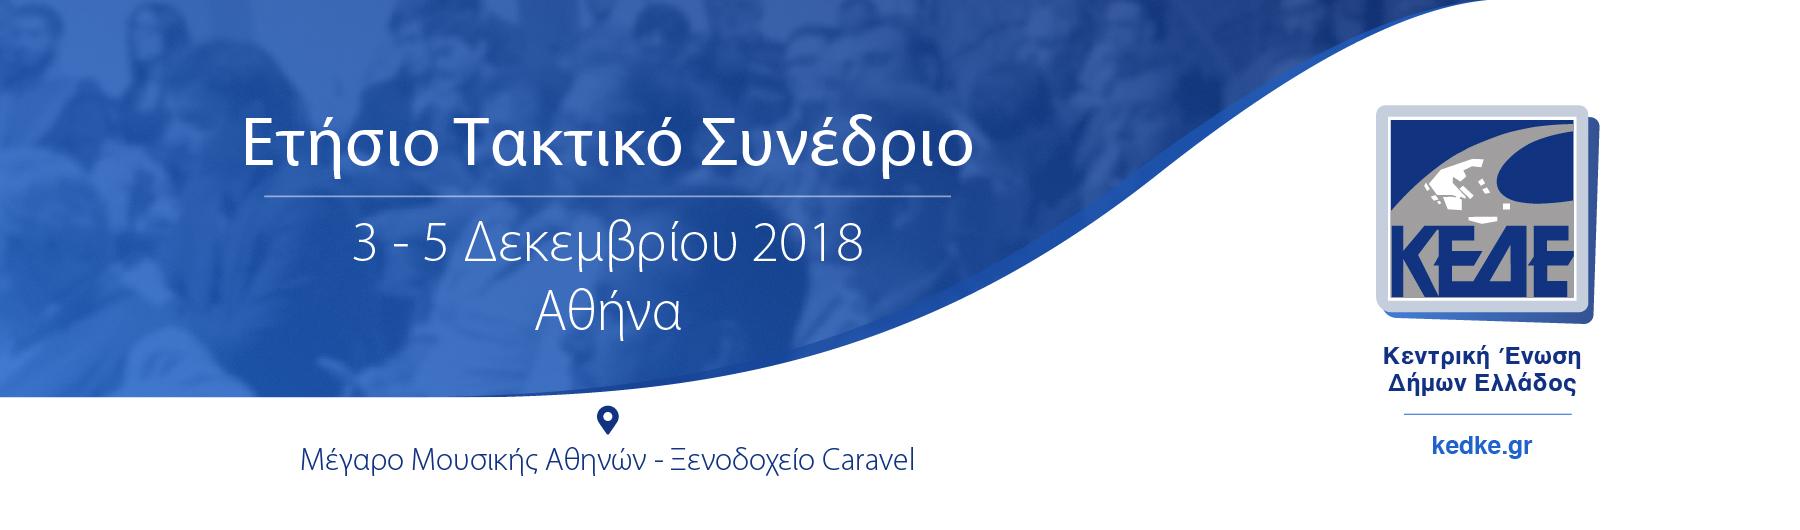 Ετήσιο Τακτικό Συνέδριο ΚΕΔΕ